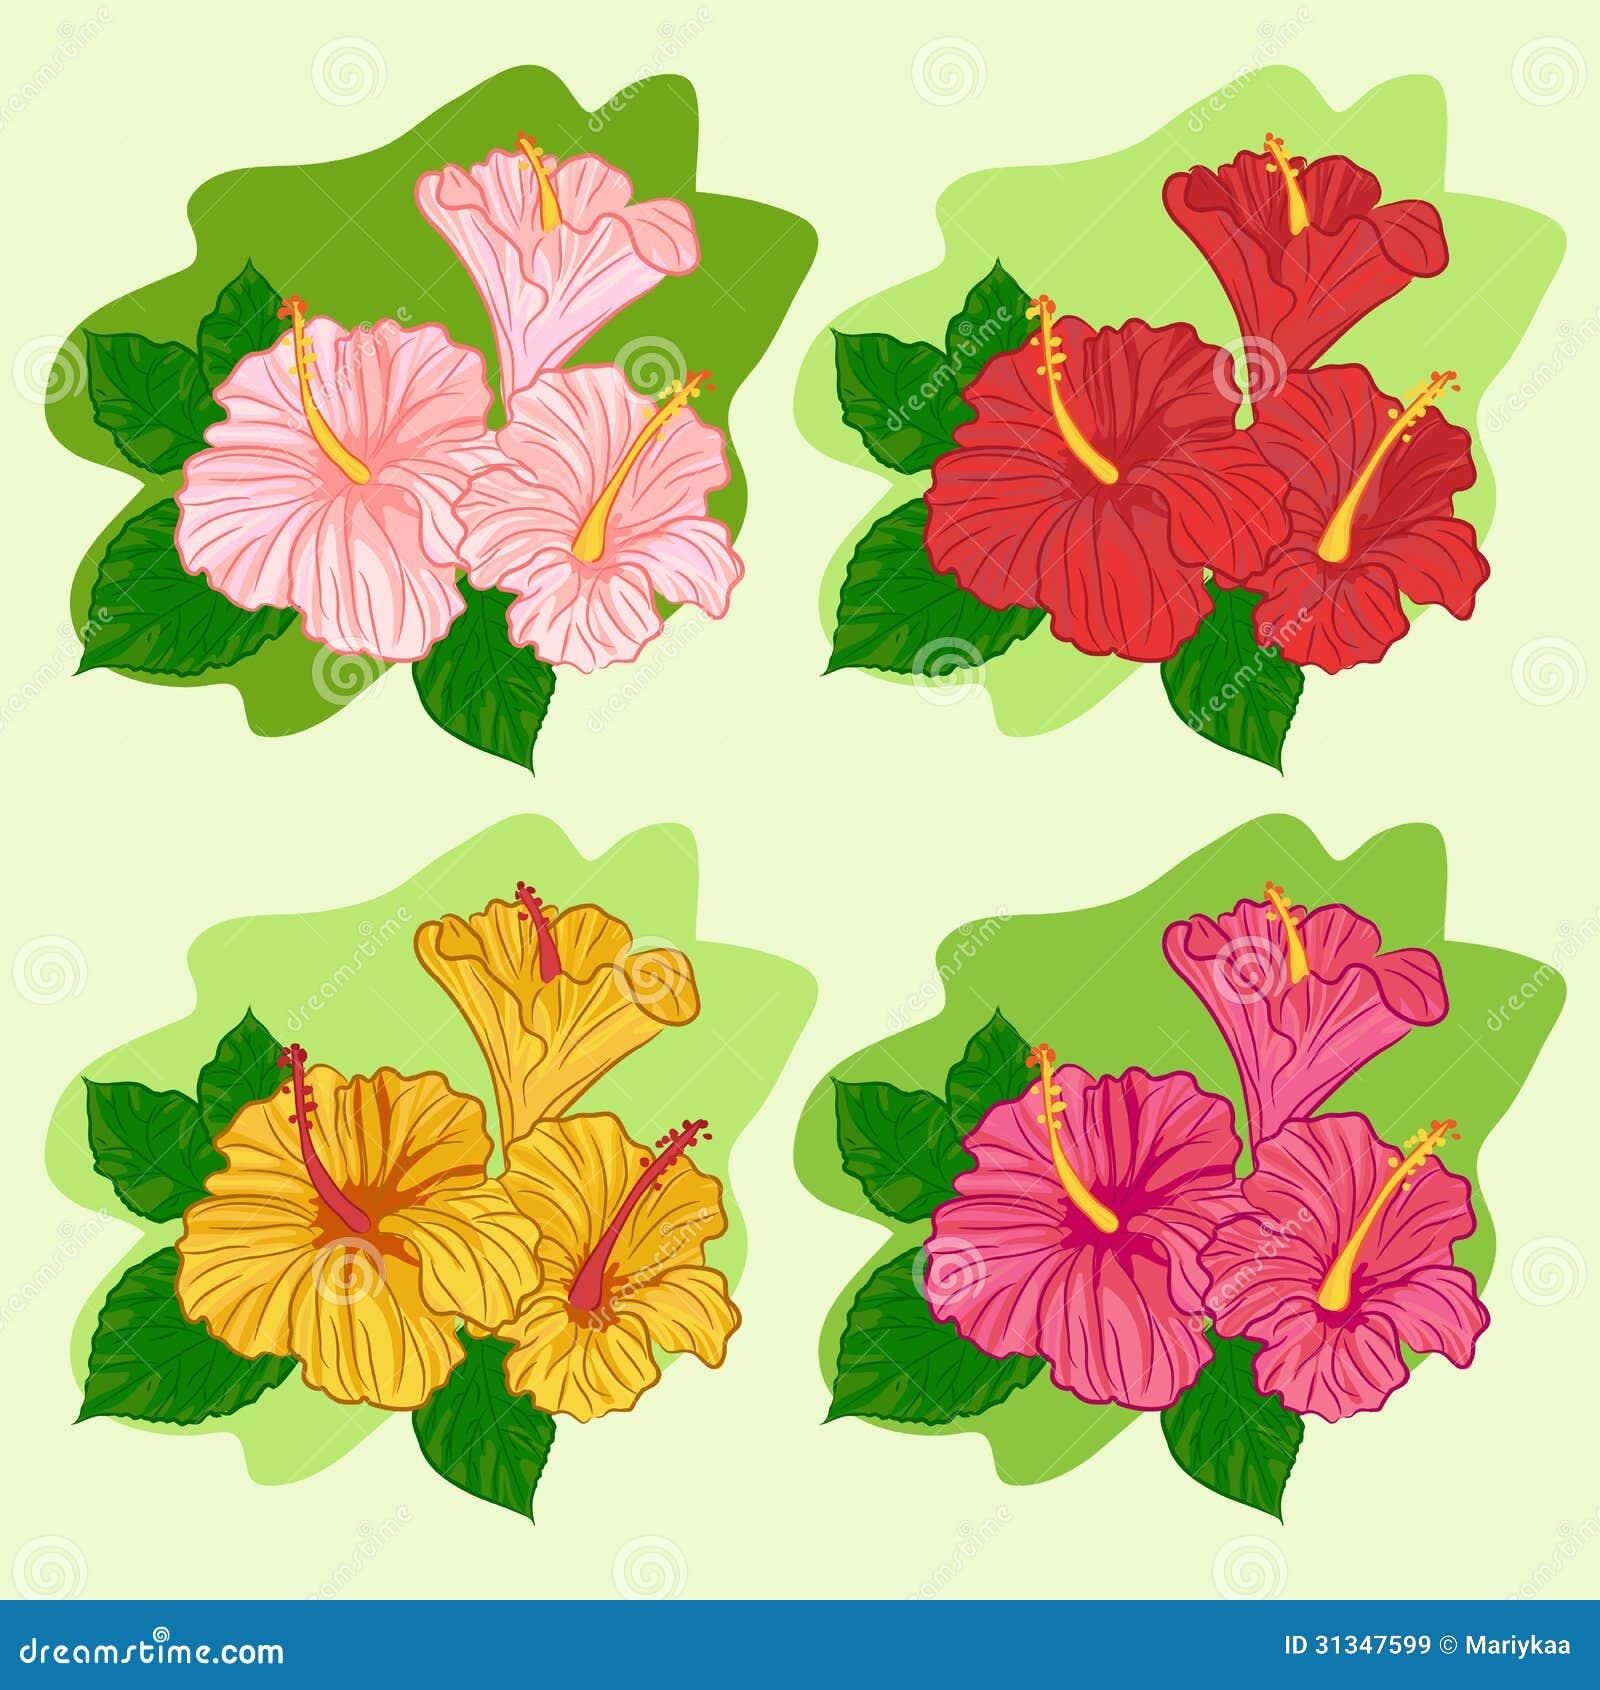 free vector graphic hibiscus - photo #32